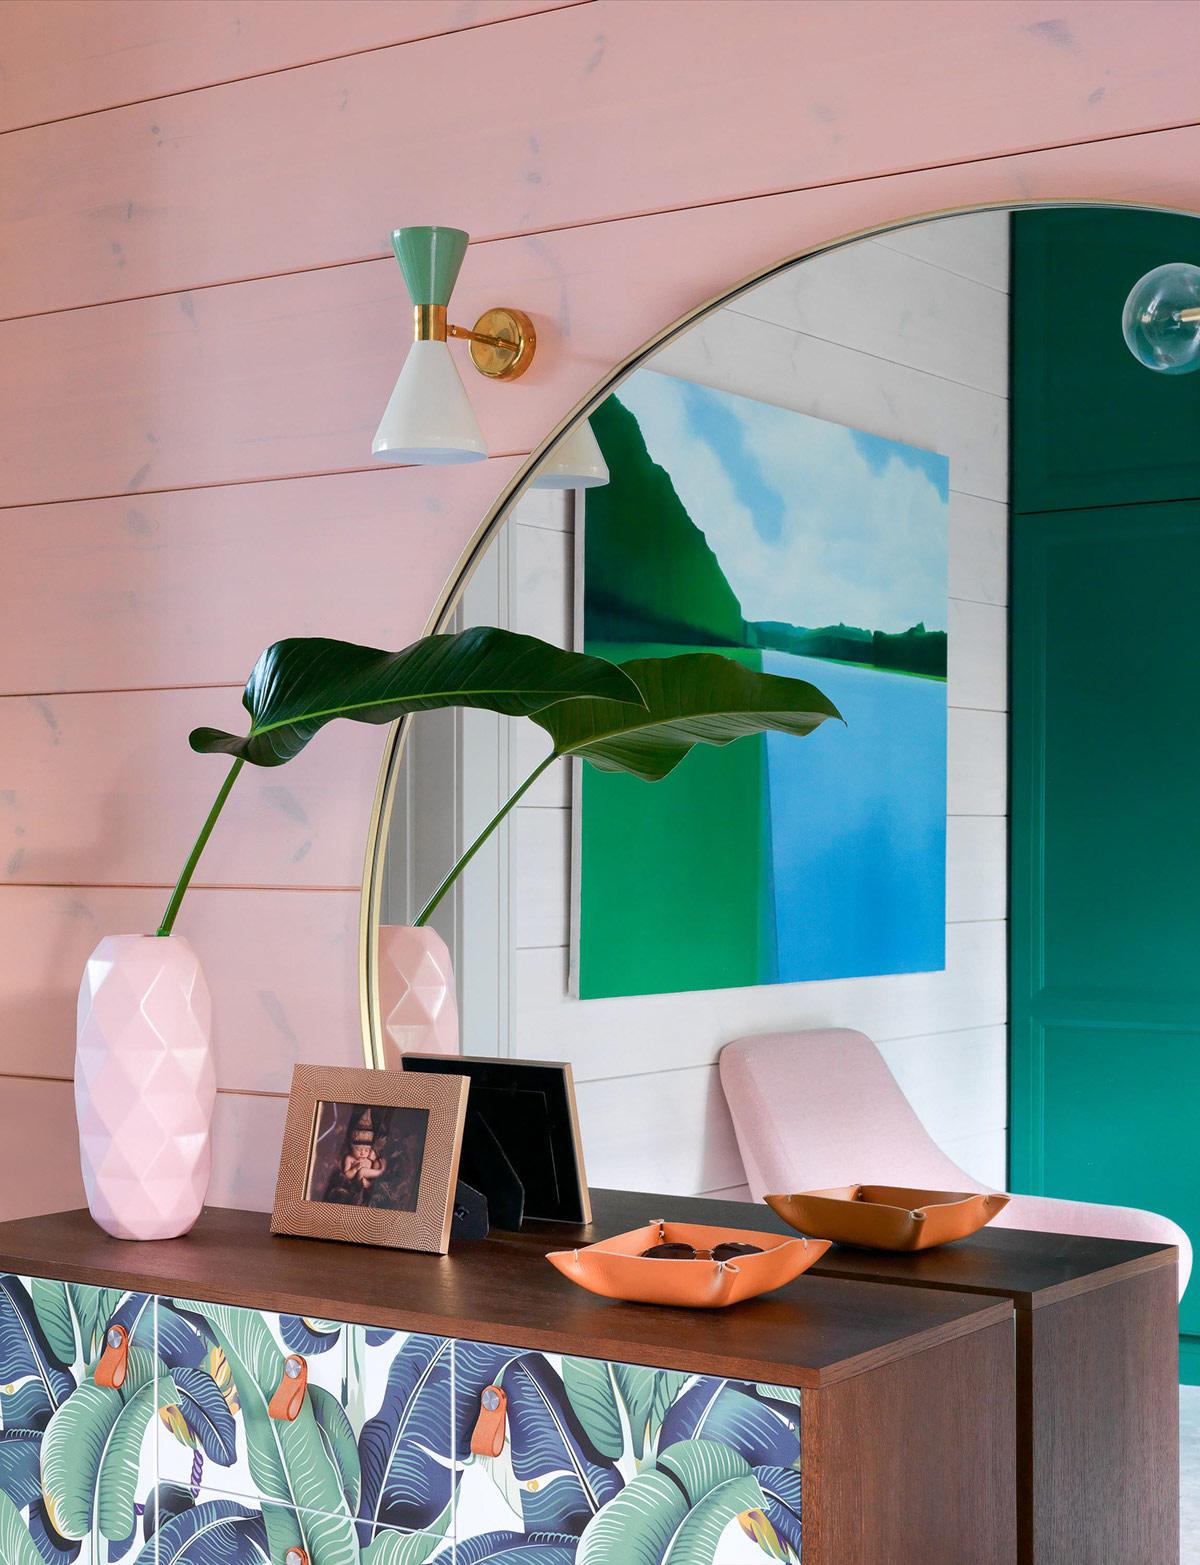 充满了色彩和现代感 夺人眼球的豪华住宅设计